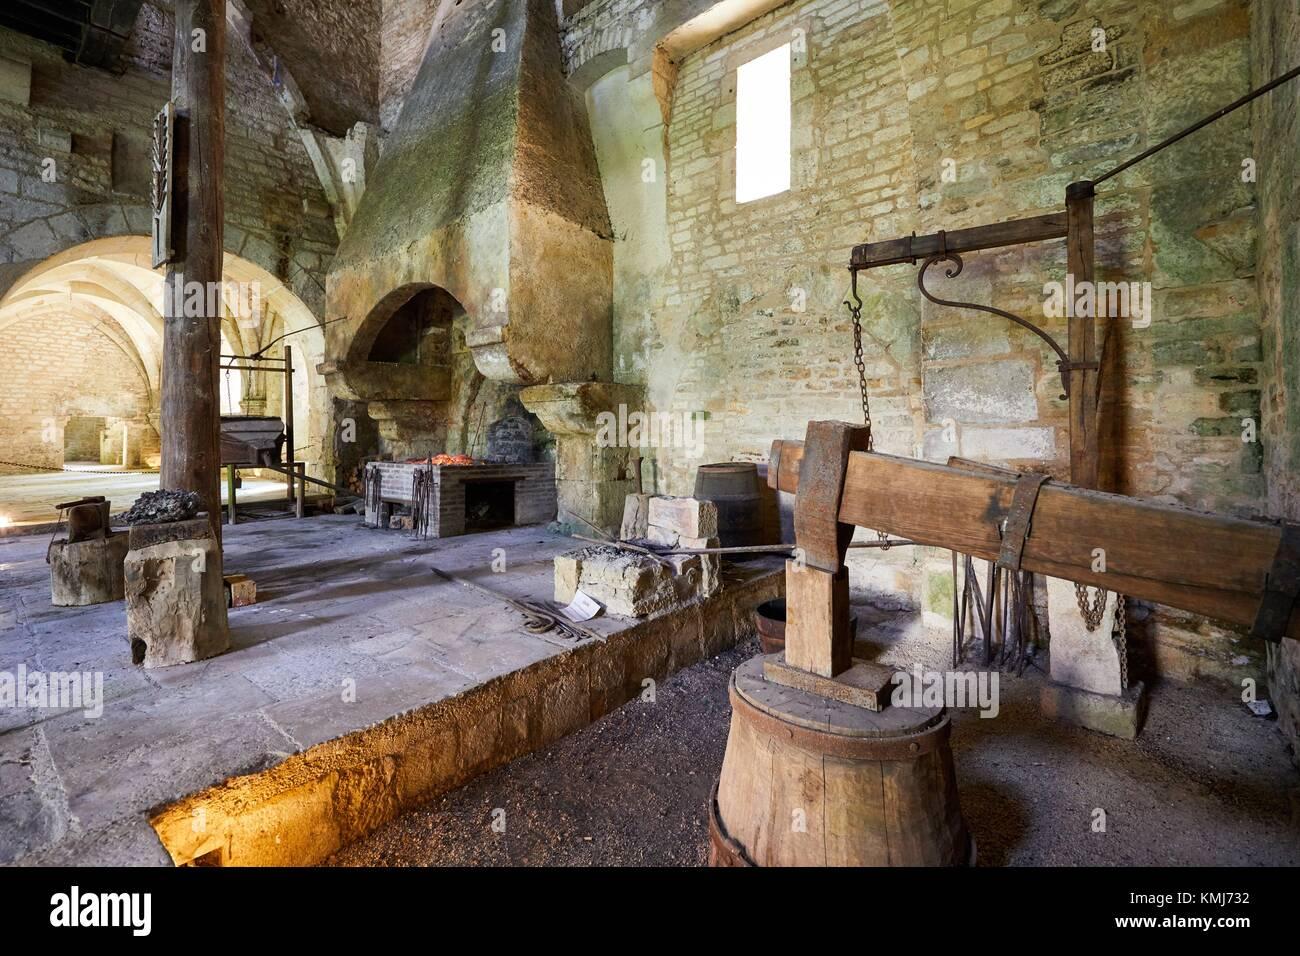 Marteau hydraulique, forge, Abbaye Royale de Notre Dame de Fontenay, l'abbaye cistercienne de Fontenay, Montbard, Banque D'Images